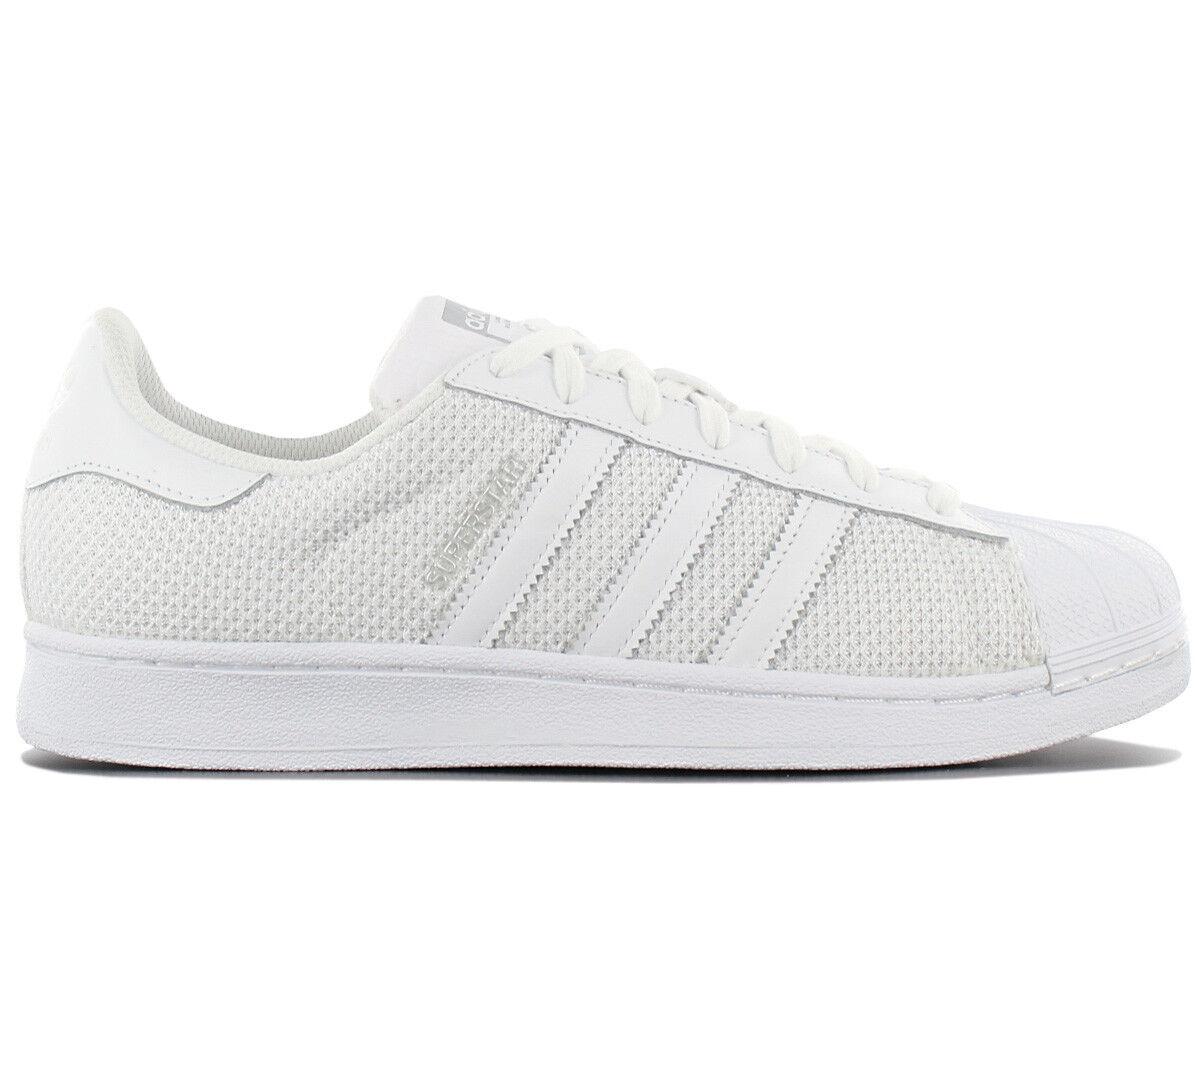 adidas originaux superstar formateurs s75962 formateurs blanc s75962 formateurs textile chaussures rétro 0d9e4e